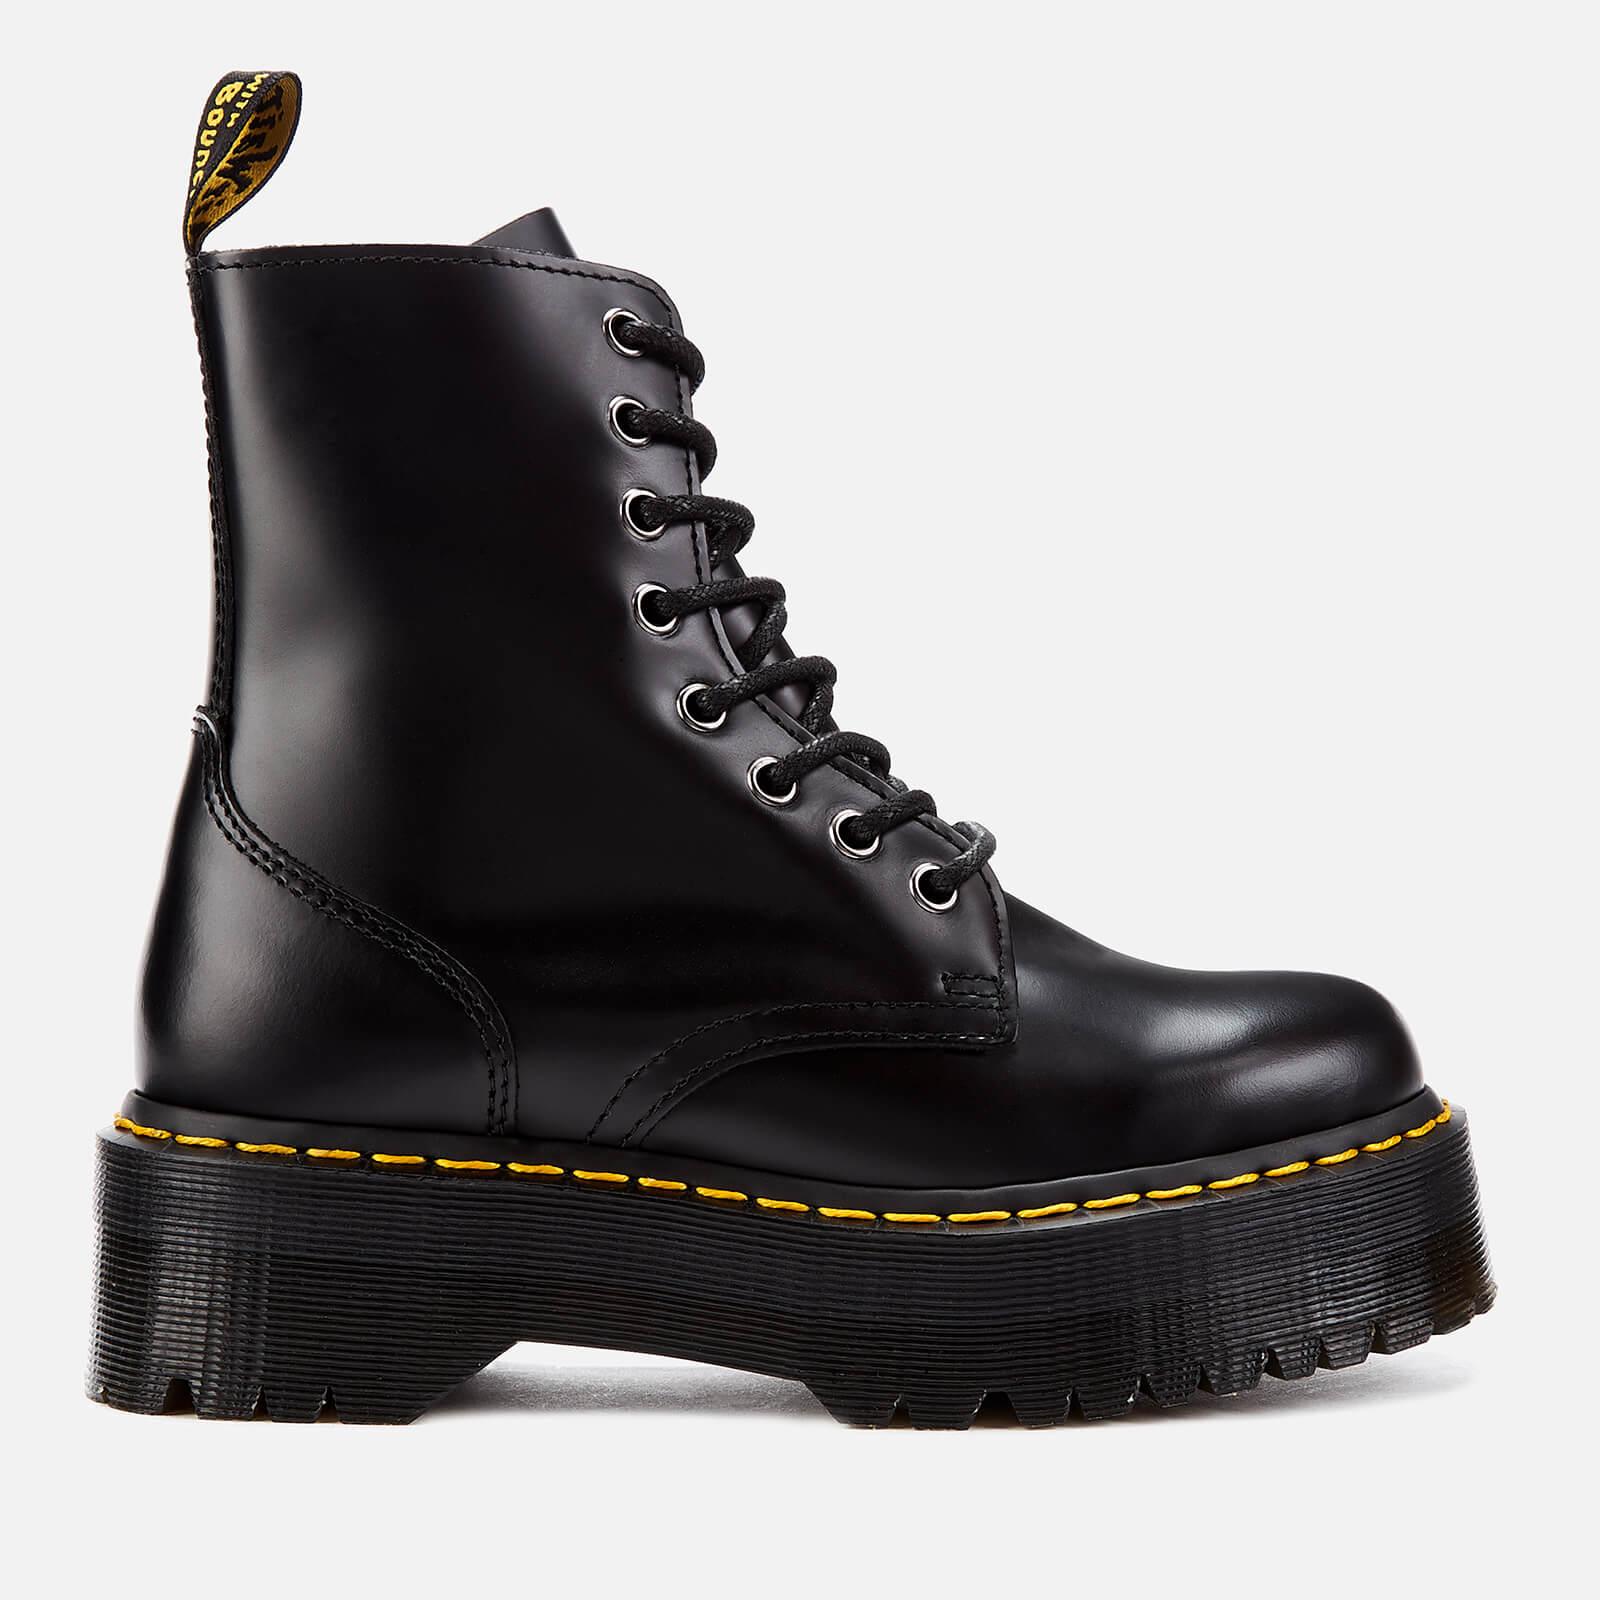 Dr. Martens Women's Jadon Polished Smooth Leather 8-Eye Boots - Black - UK 7 - Black